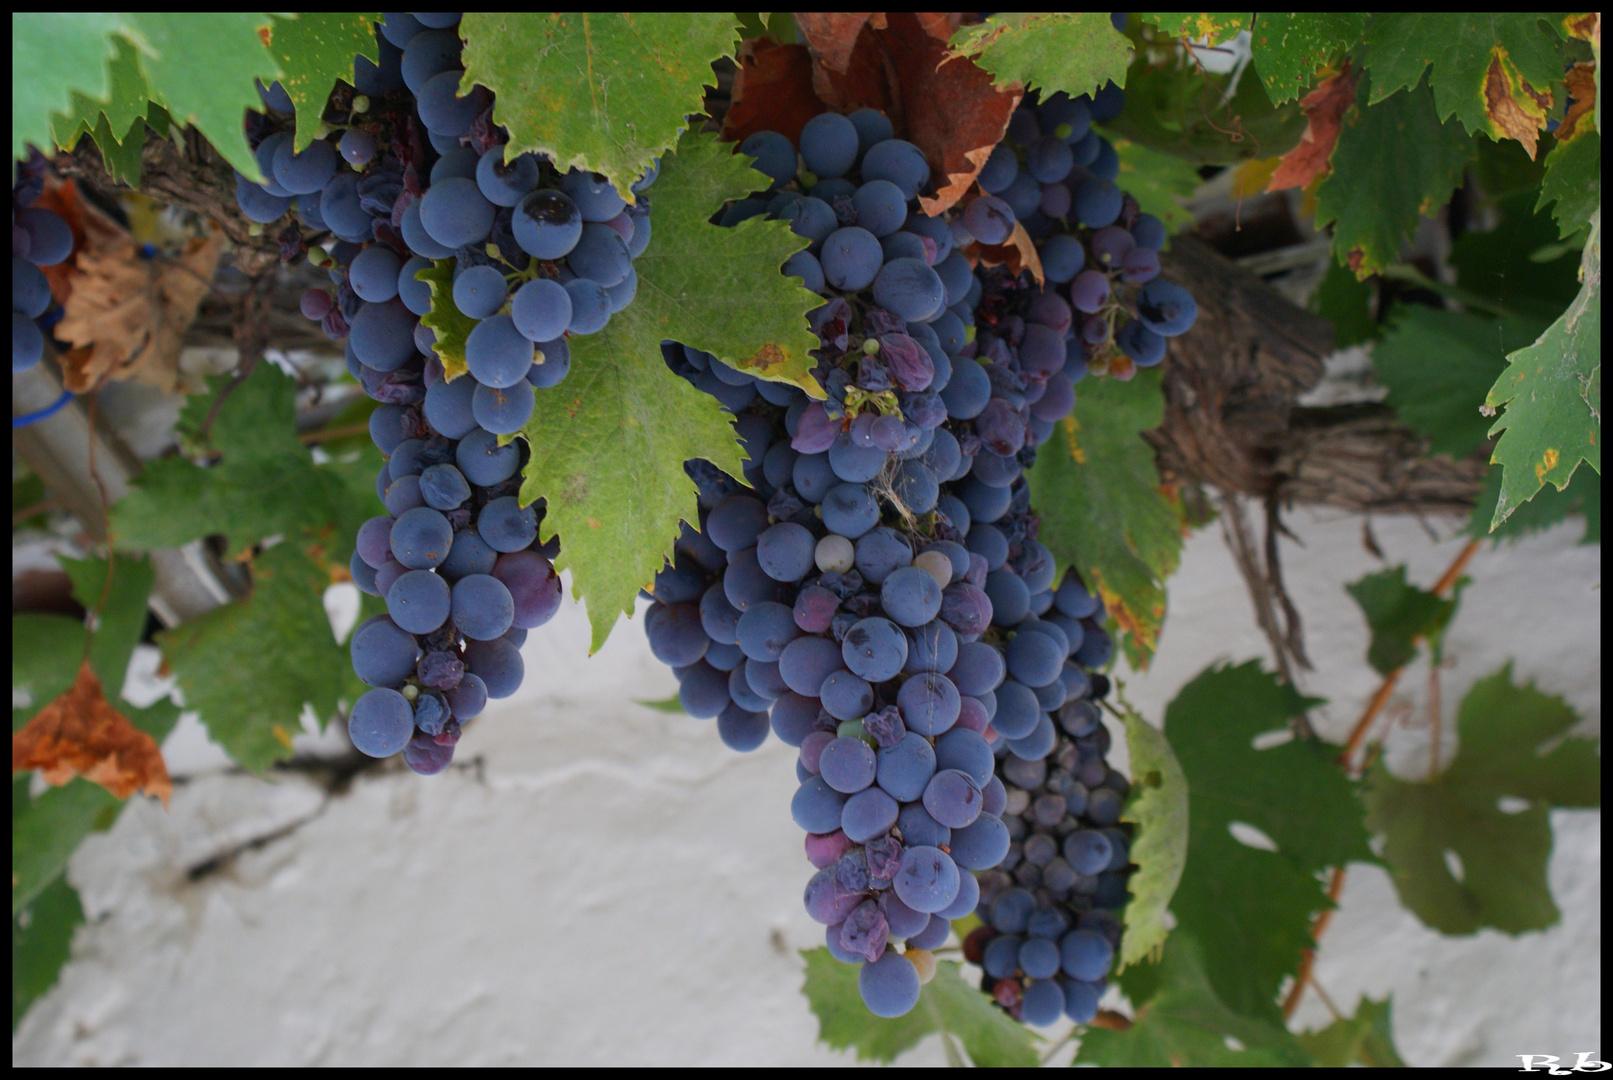 *Poca uva, molto vino*